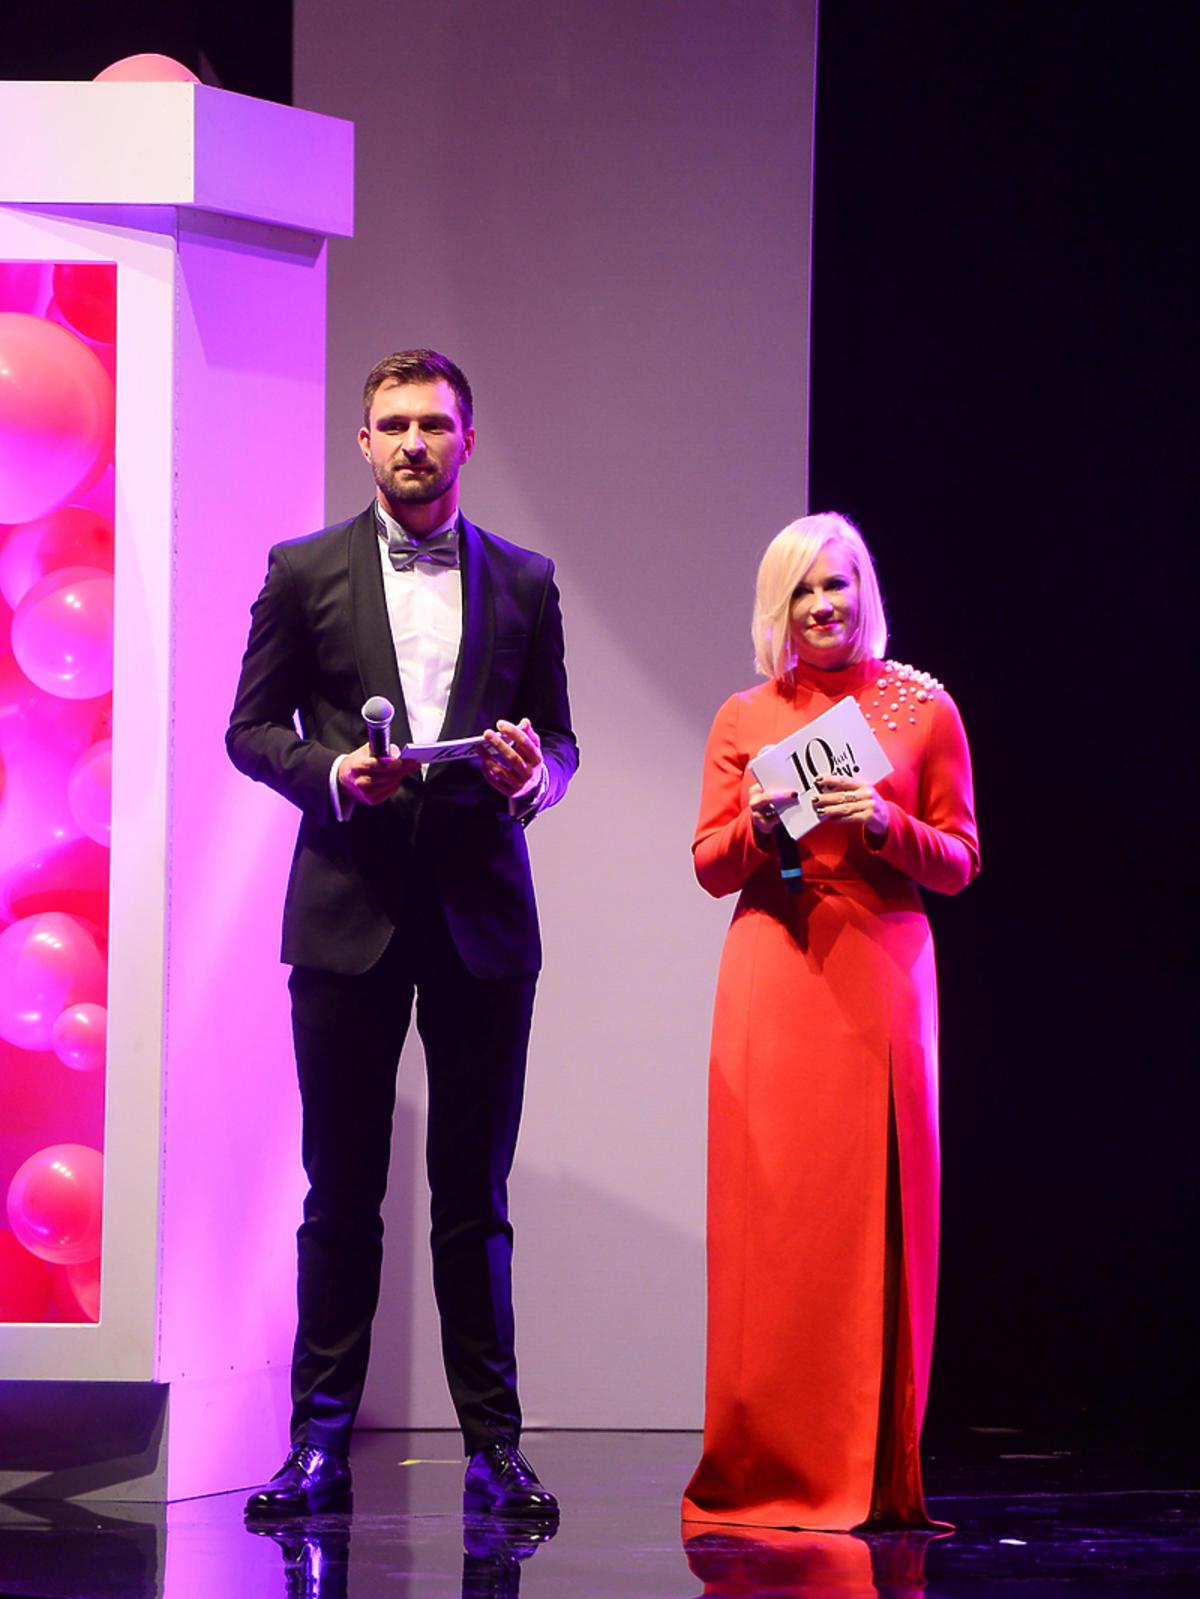 Aneta Wikariak i Mateusz Hładki - prowadzący galę rozdania nagród z okazji 10-lecia Magazynu Party